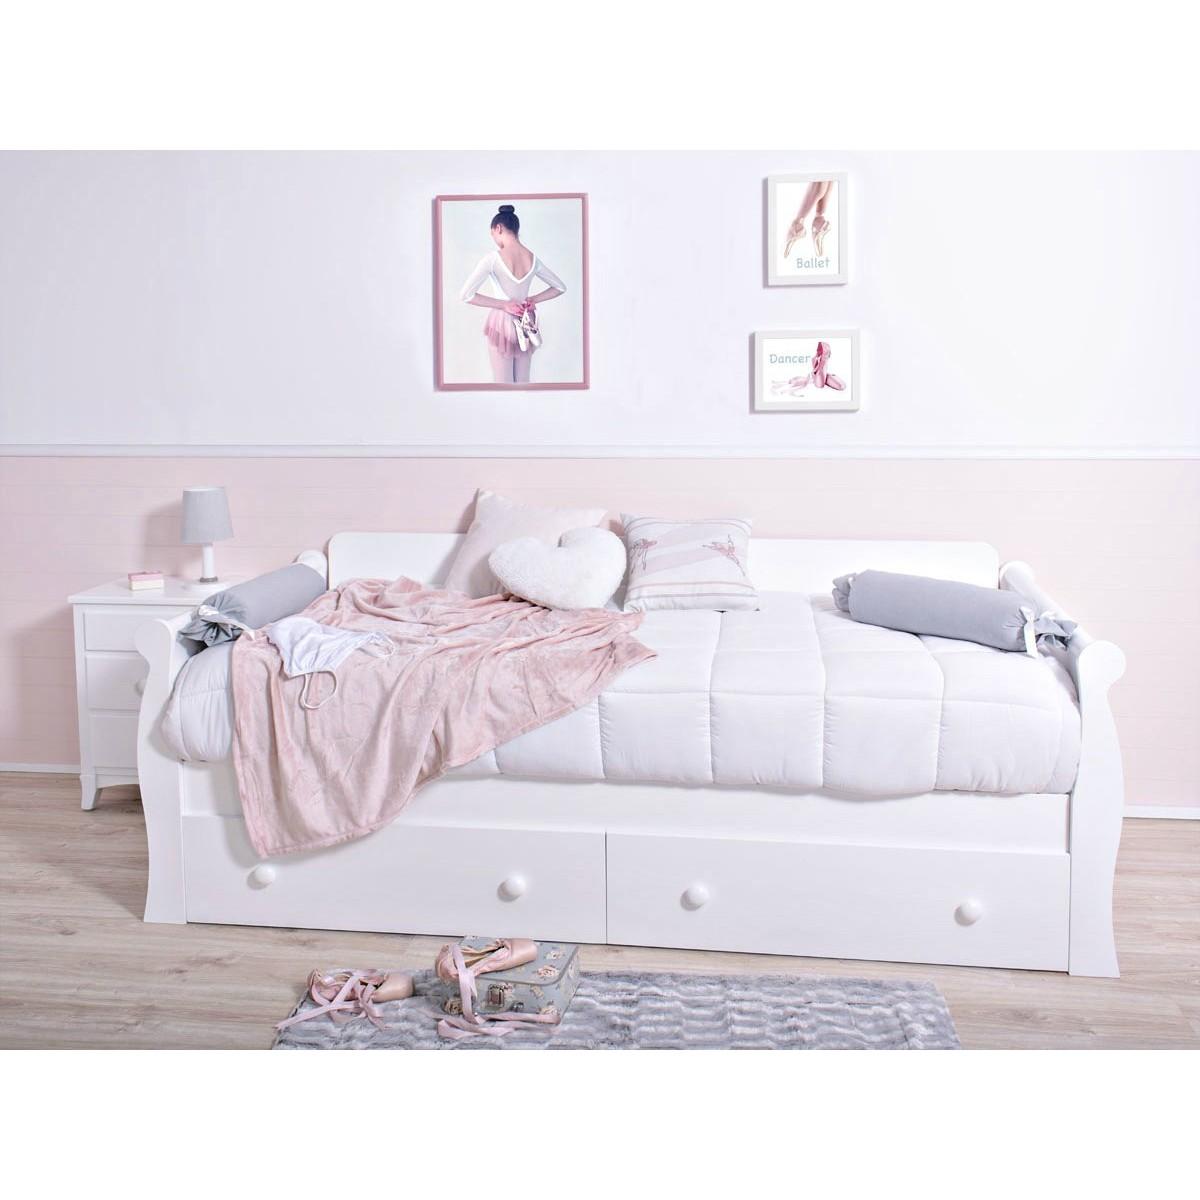 Cama infantil gondola con cajones env o 24h gratis for Cama con cajones precio